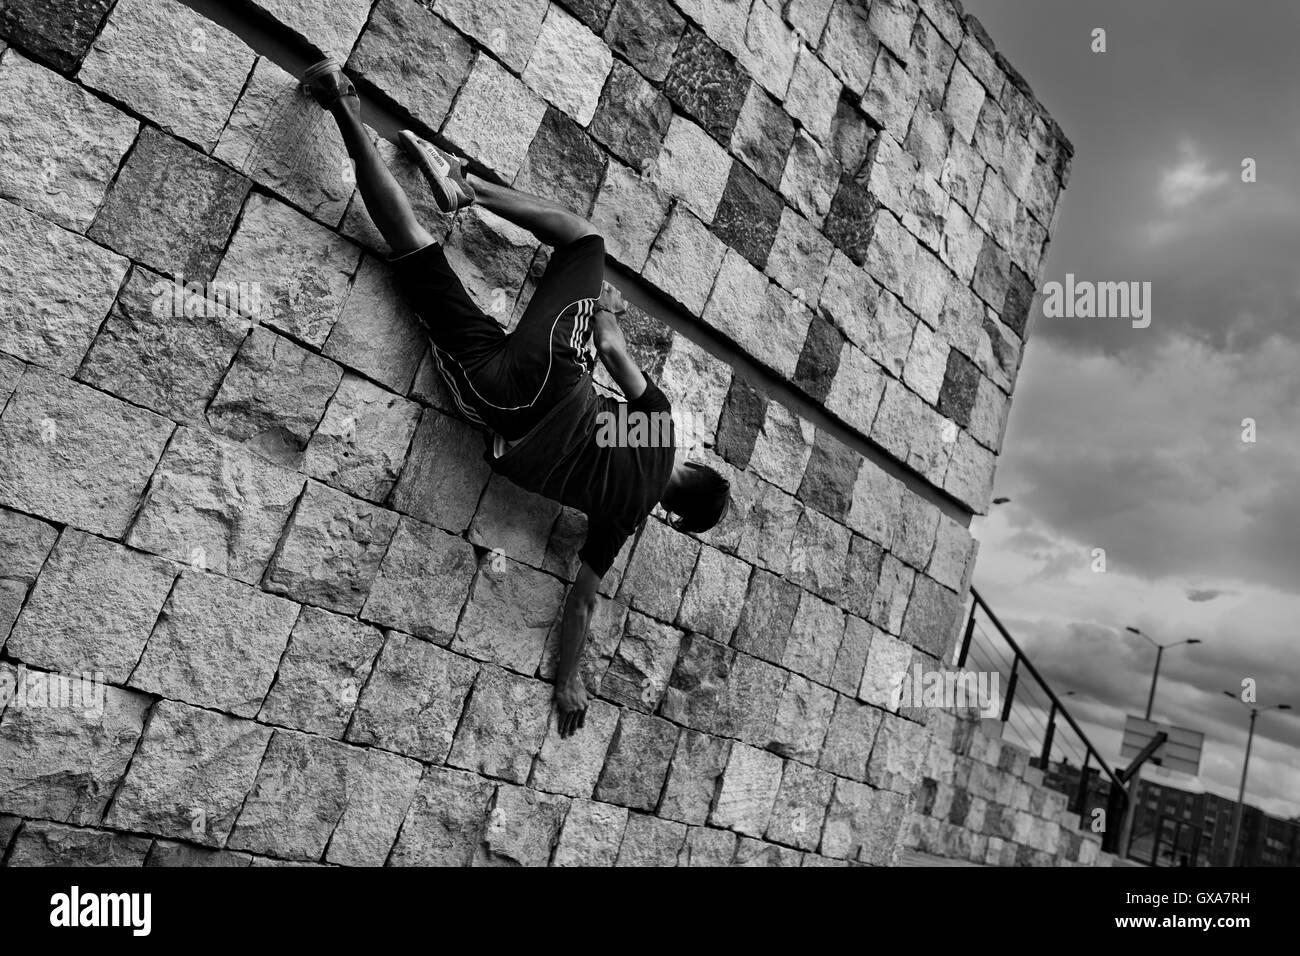 Un colombiano parkour atleta demuestra sus habilidades de escalada durante una marcha libre ejercicio de entrenamiento Imagen De Stock